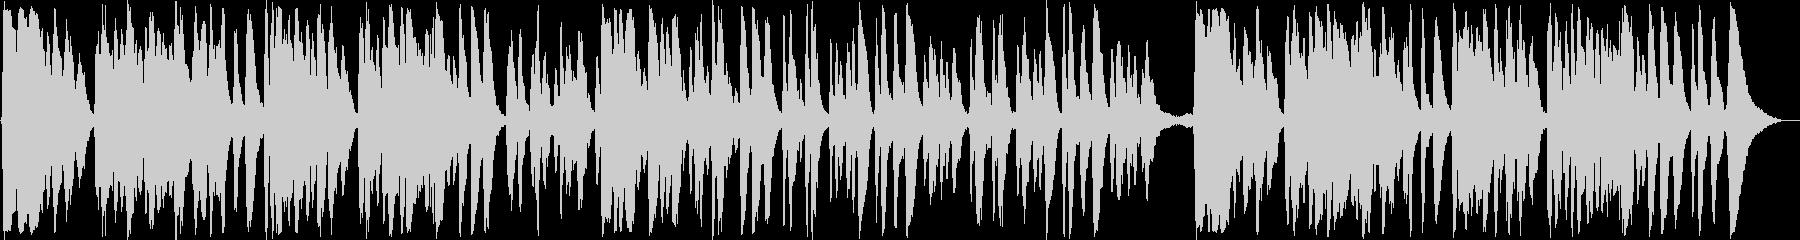 弦楽器の快適なイージーリスニング曲の未再生の波形